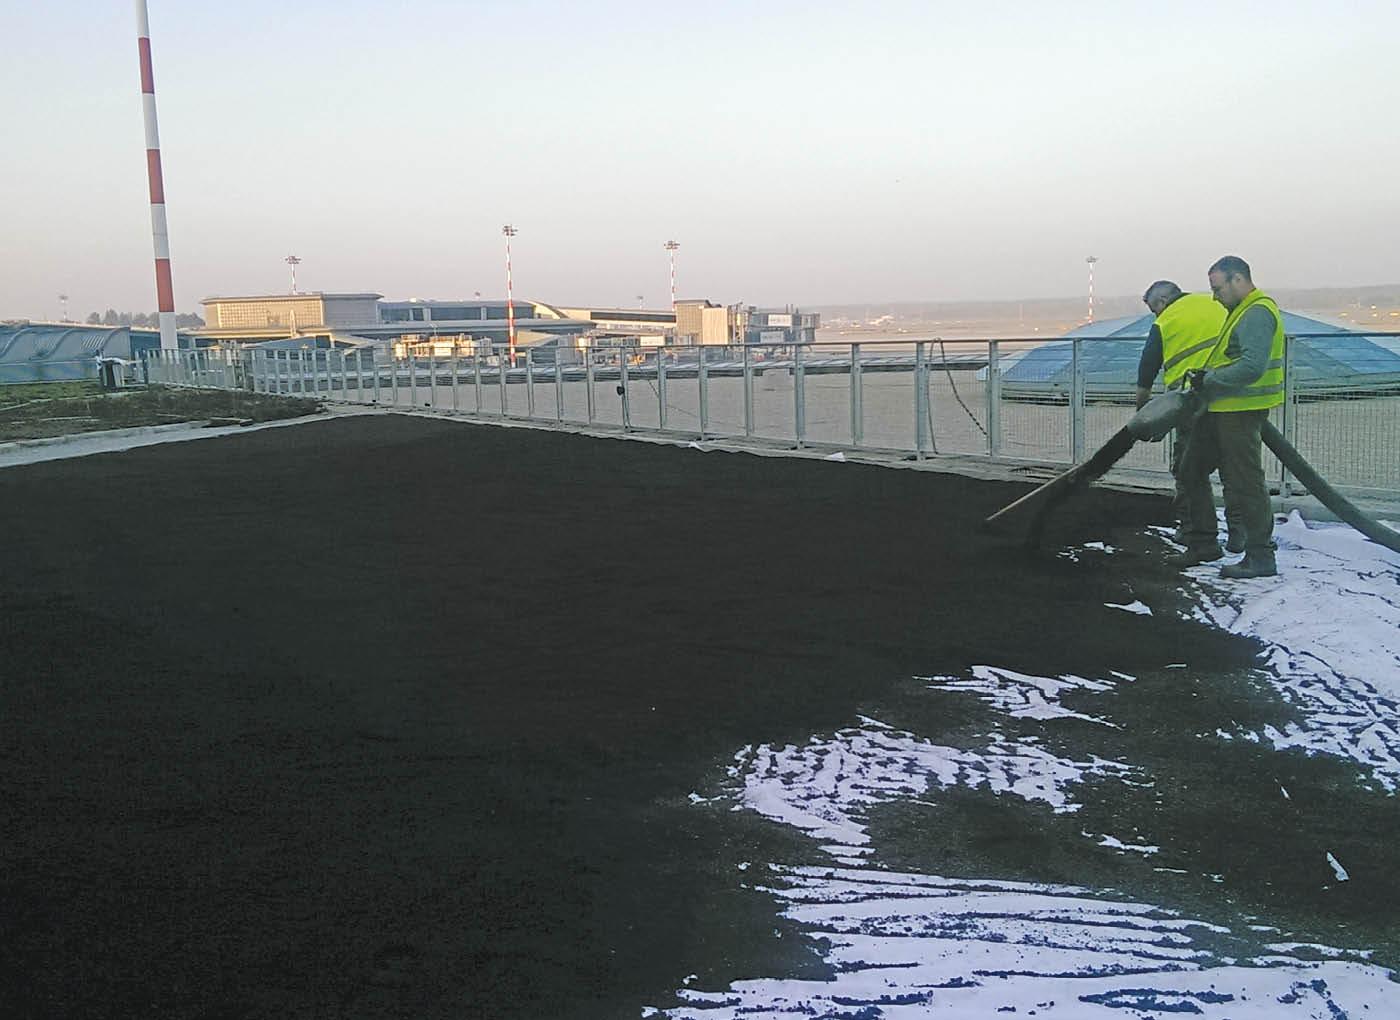 aeroporto-malpensa-giardino-pensile-agrileca-lecagreen-10